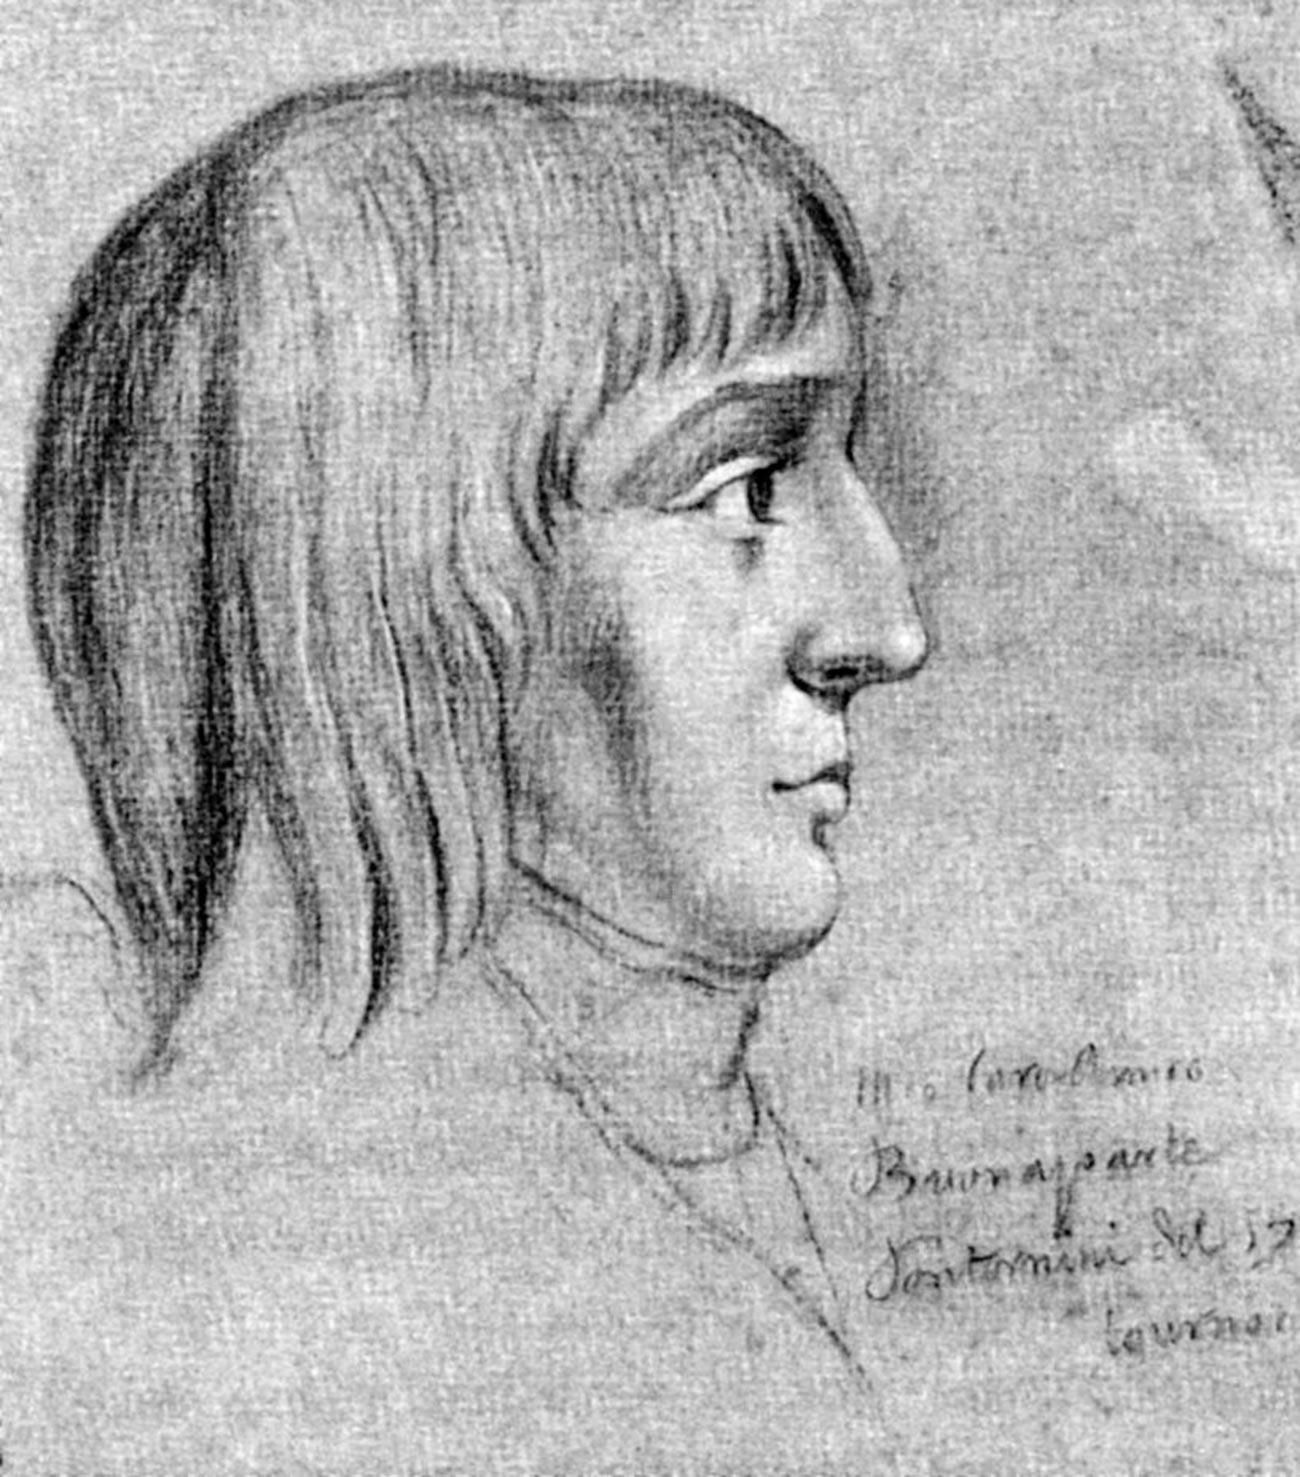 Napoleon Bonaparte (1769-1821) pri 16 letih